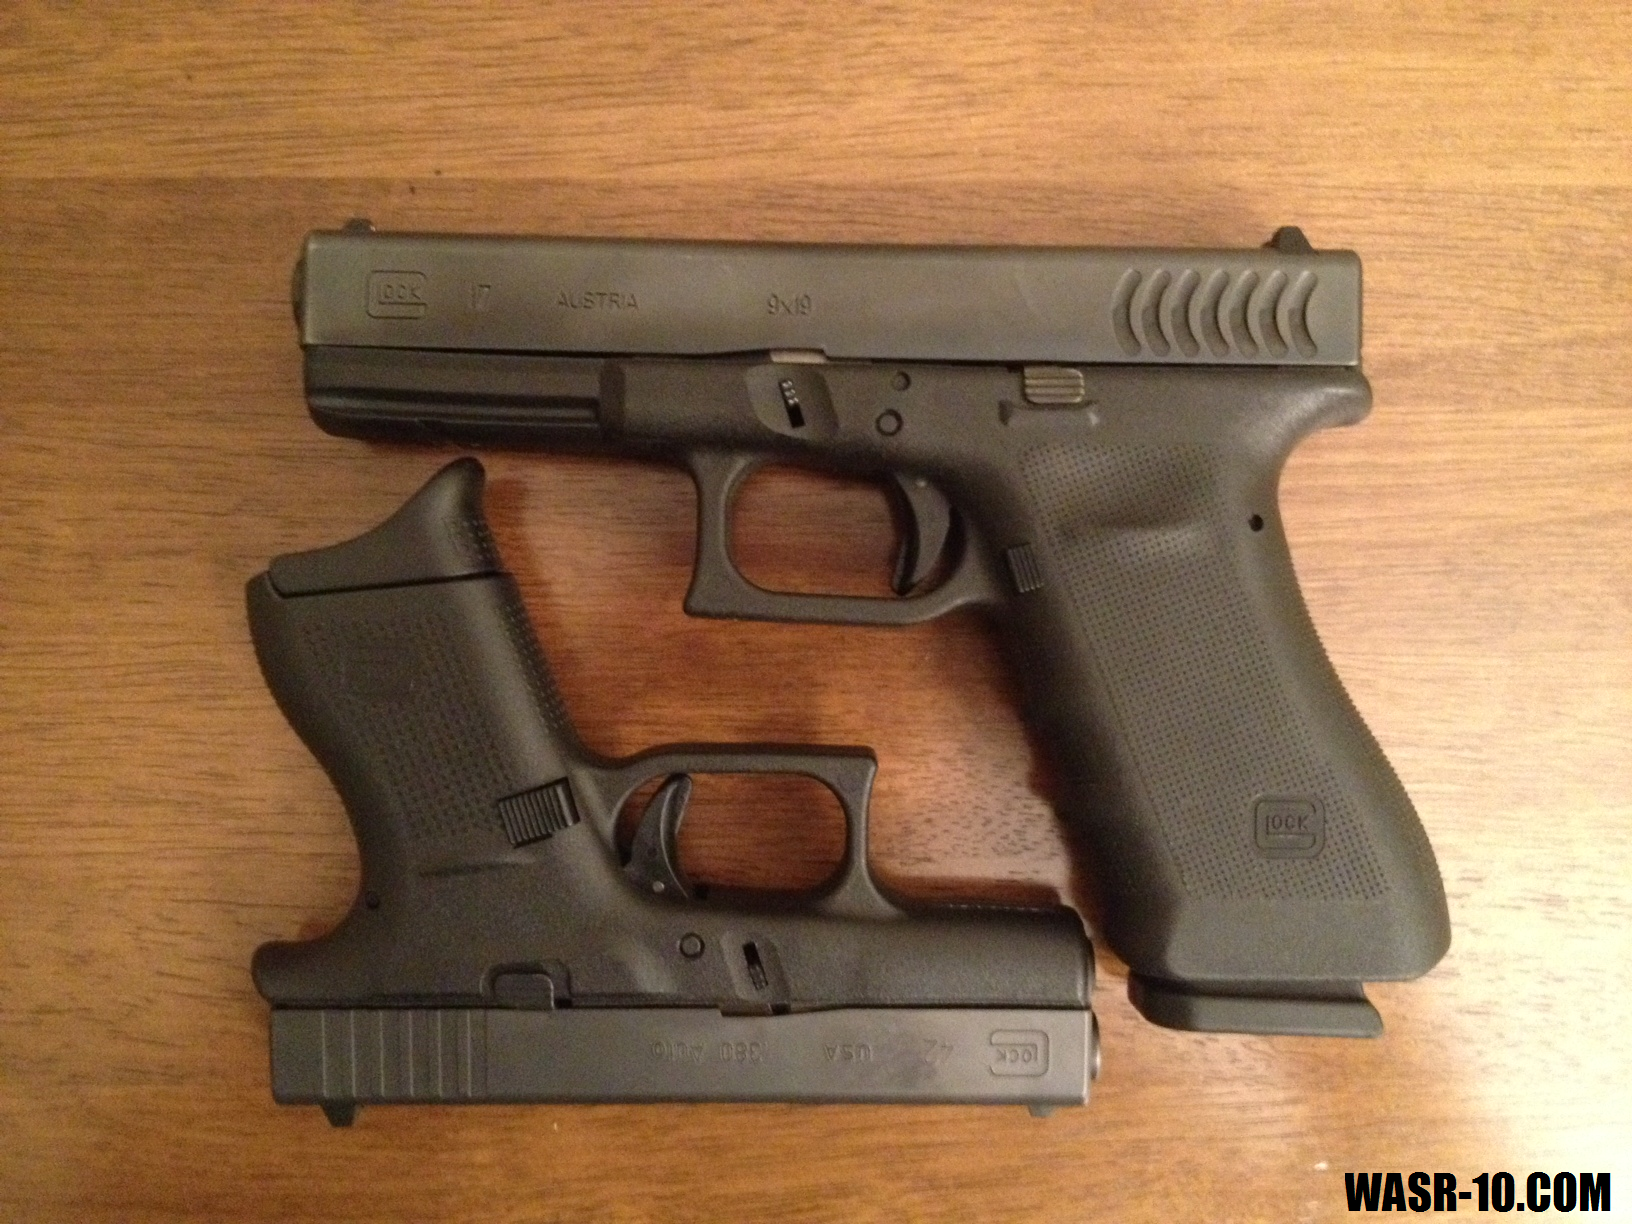 Glock 42 vs. Glock 17